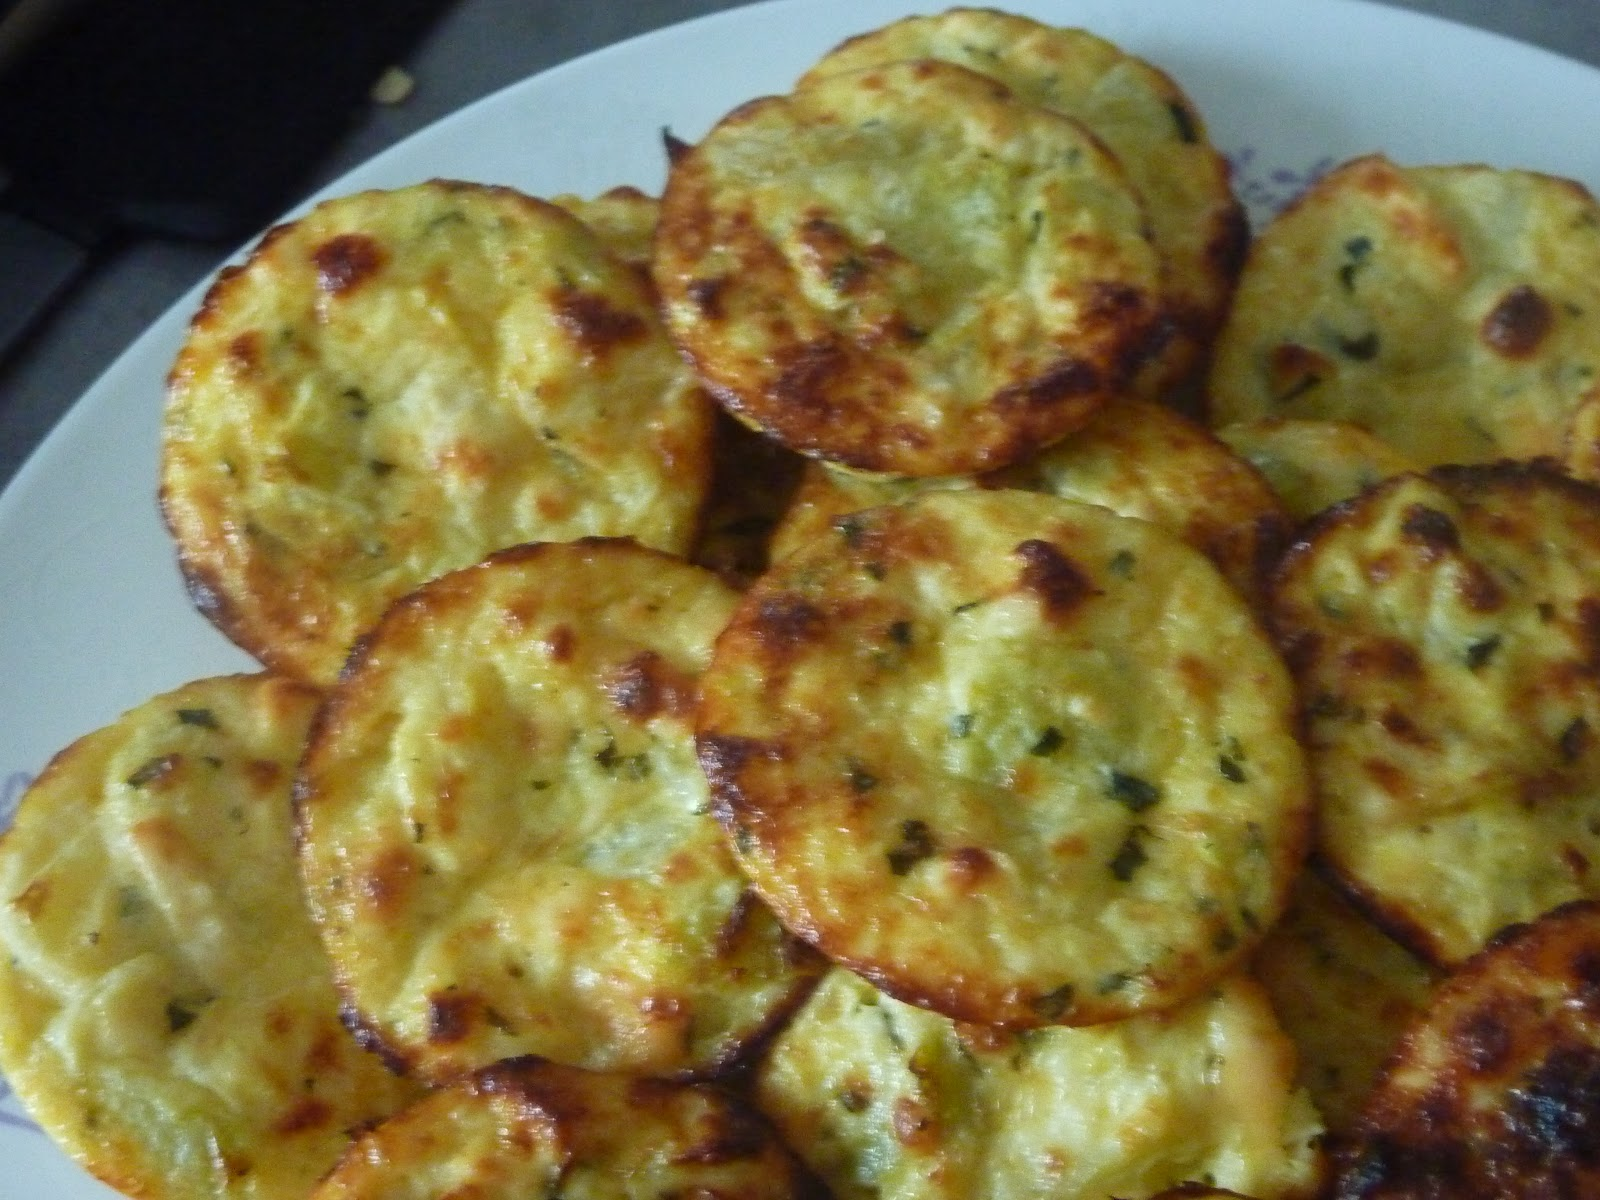 Moelleux de courgettes menthe et f ta ap ritif original blogs de cuisine - Apero dinatoire pas cher original ...